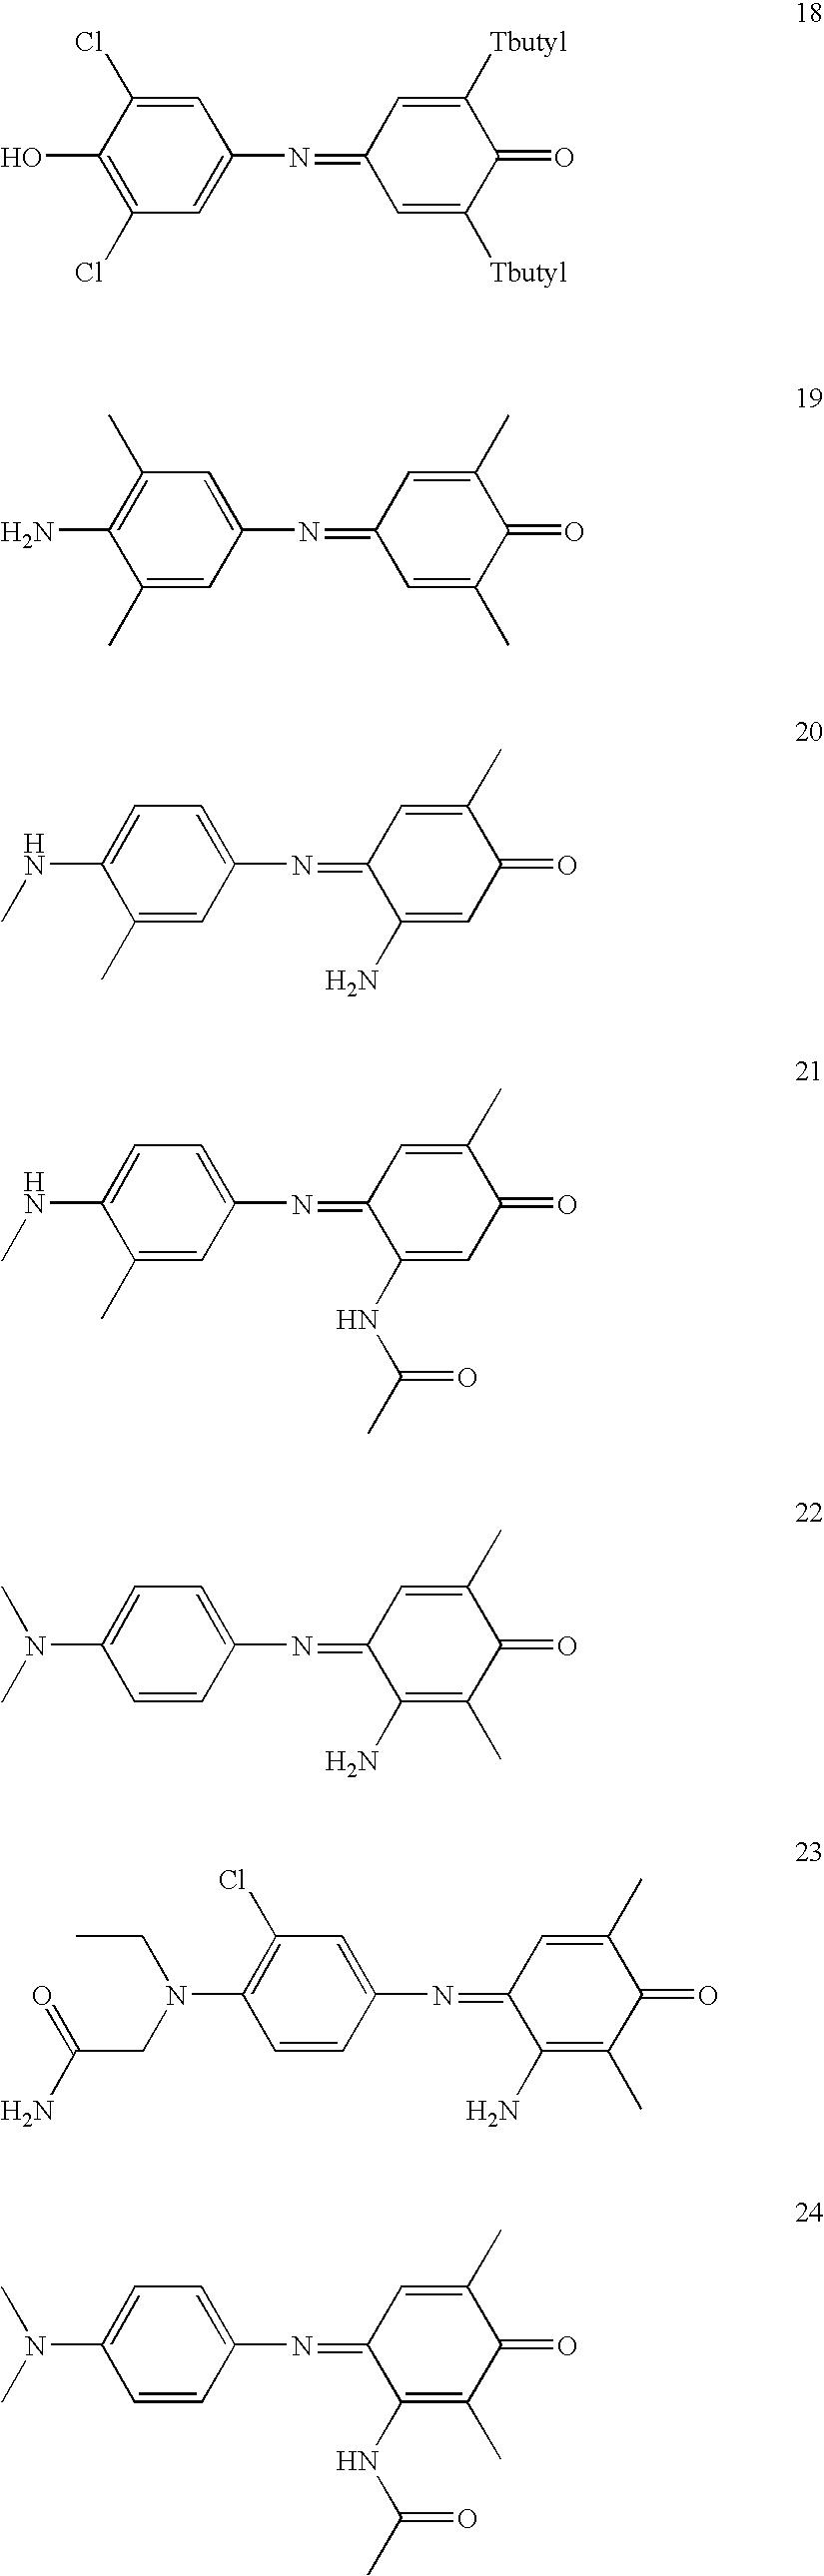 Figure US07645304-20100112-C00016